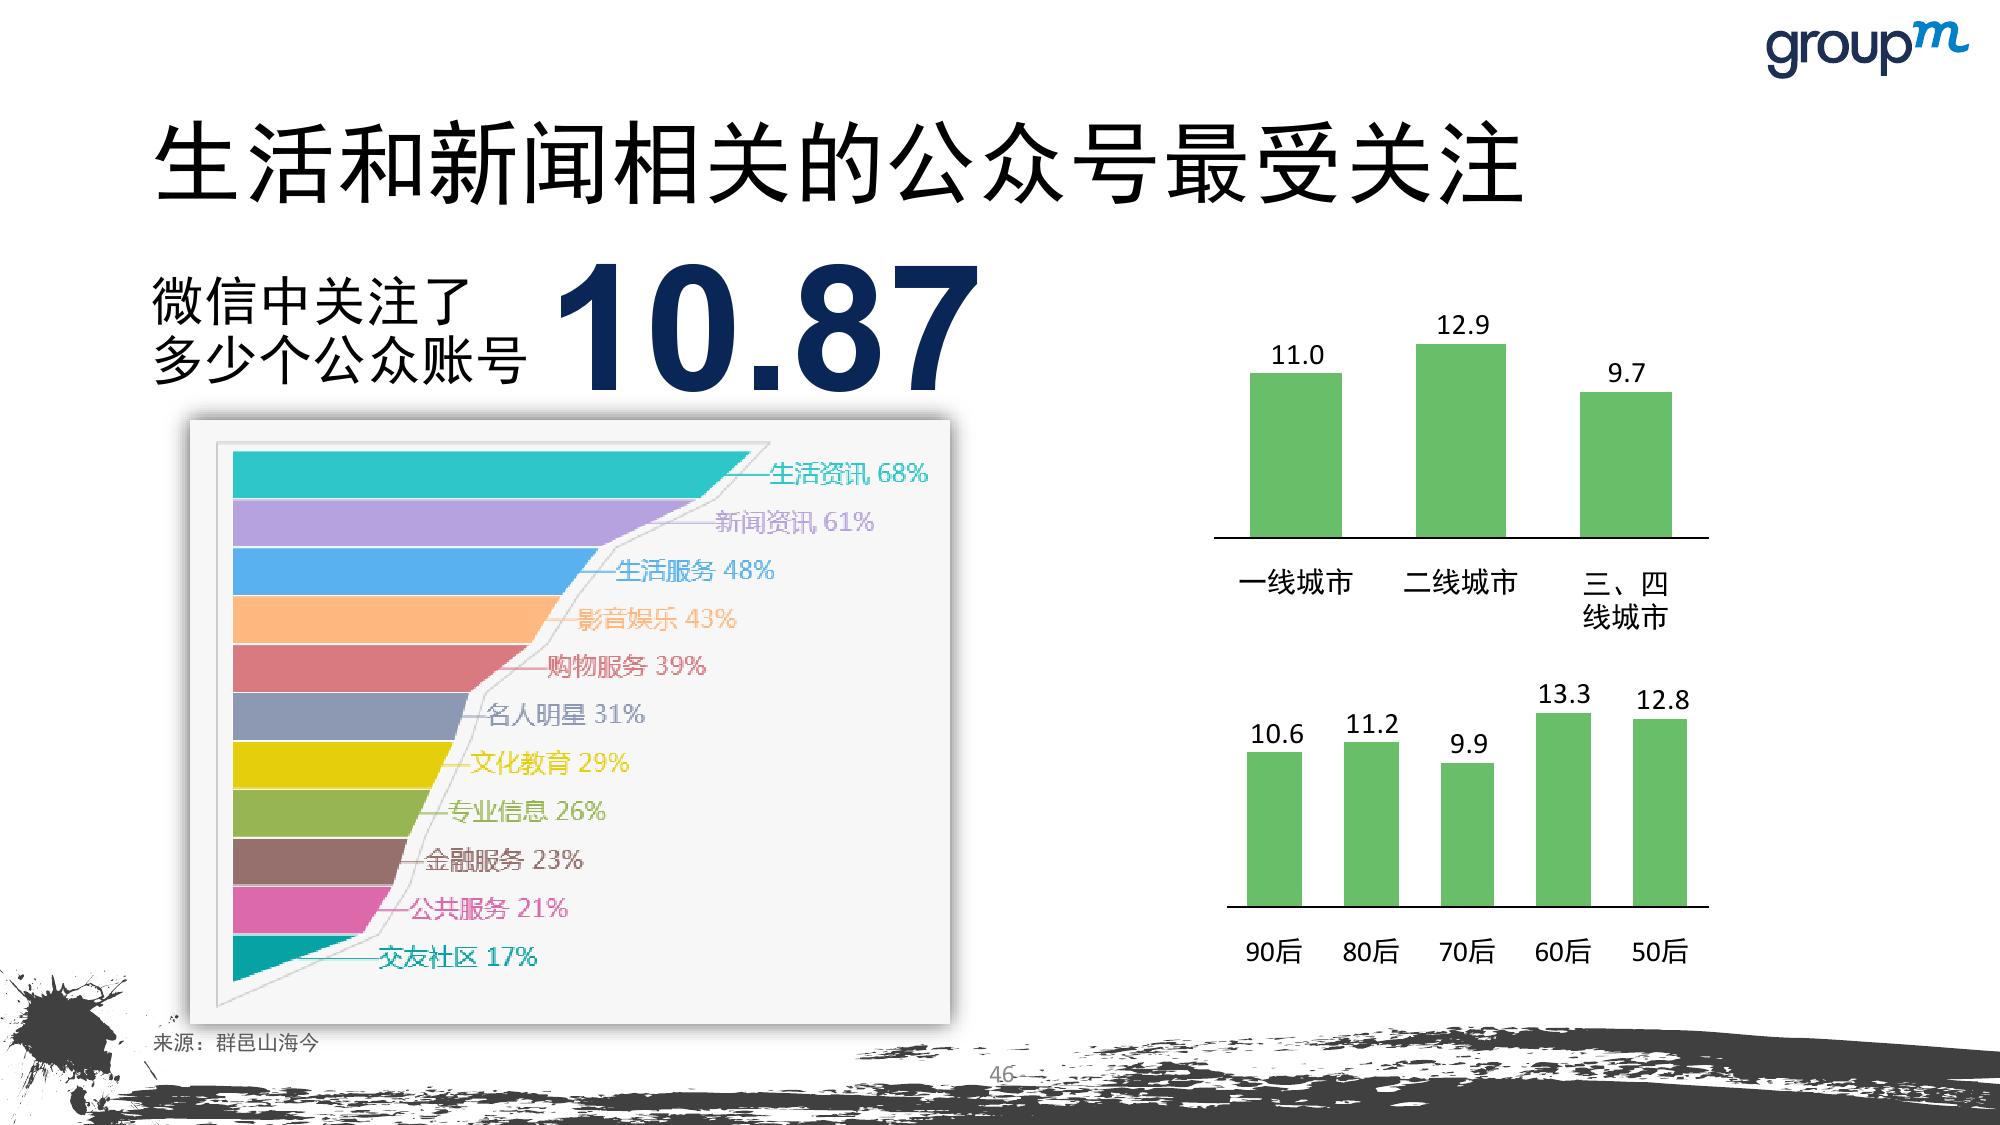 山海今2015中国媒介趋势报告_000046